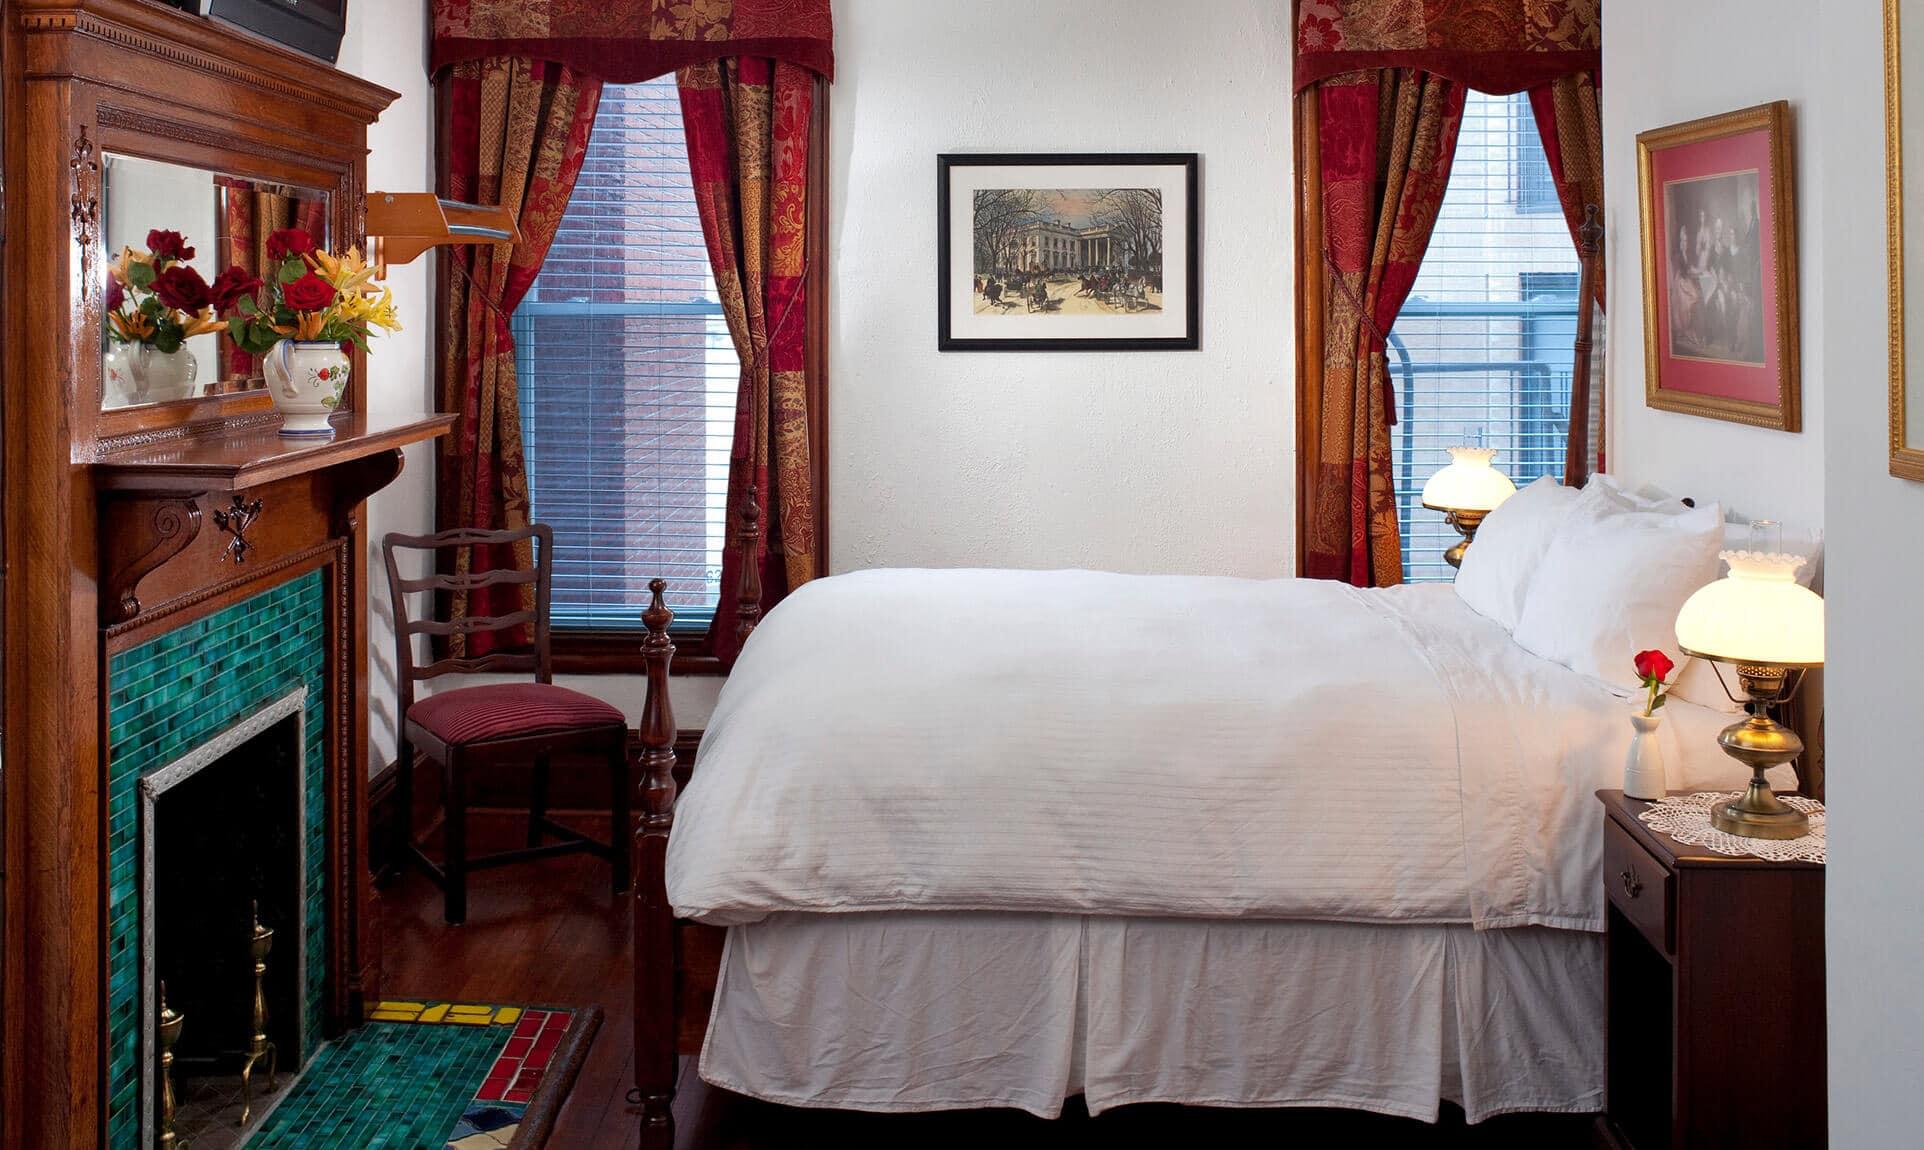 Dupont Circle Bed and Breakfast Room near Dupont Circle